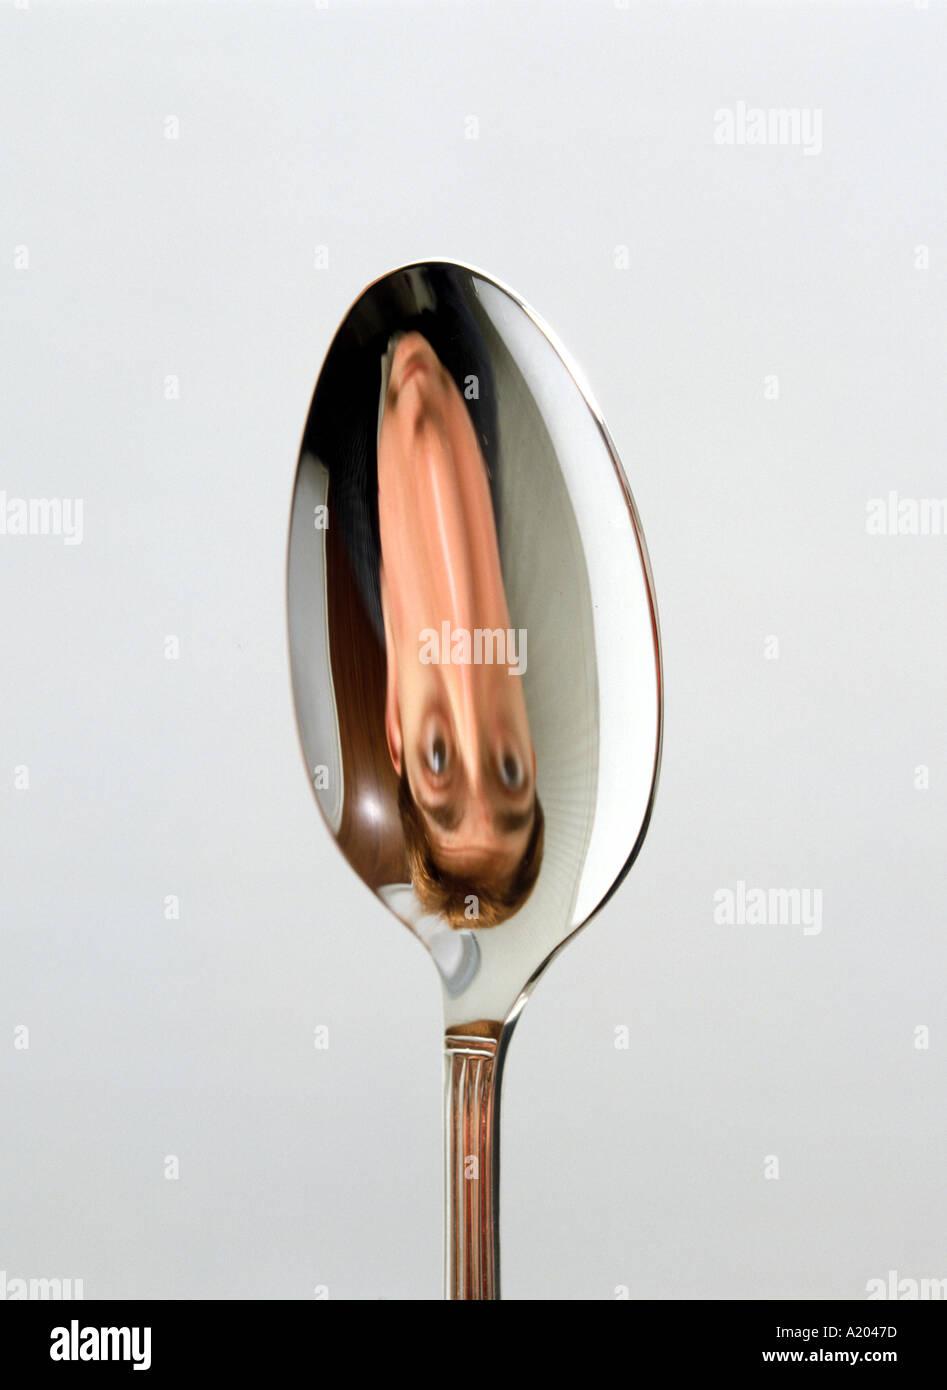 Reflet dans le côté concave d'une cuillère à l'envers de l'image à l'envers Photo Stock